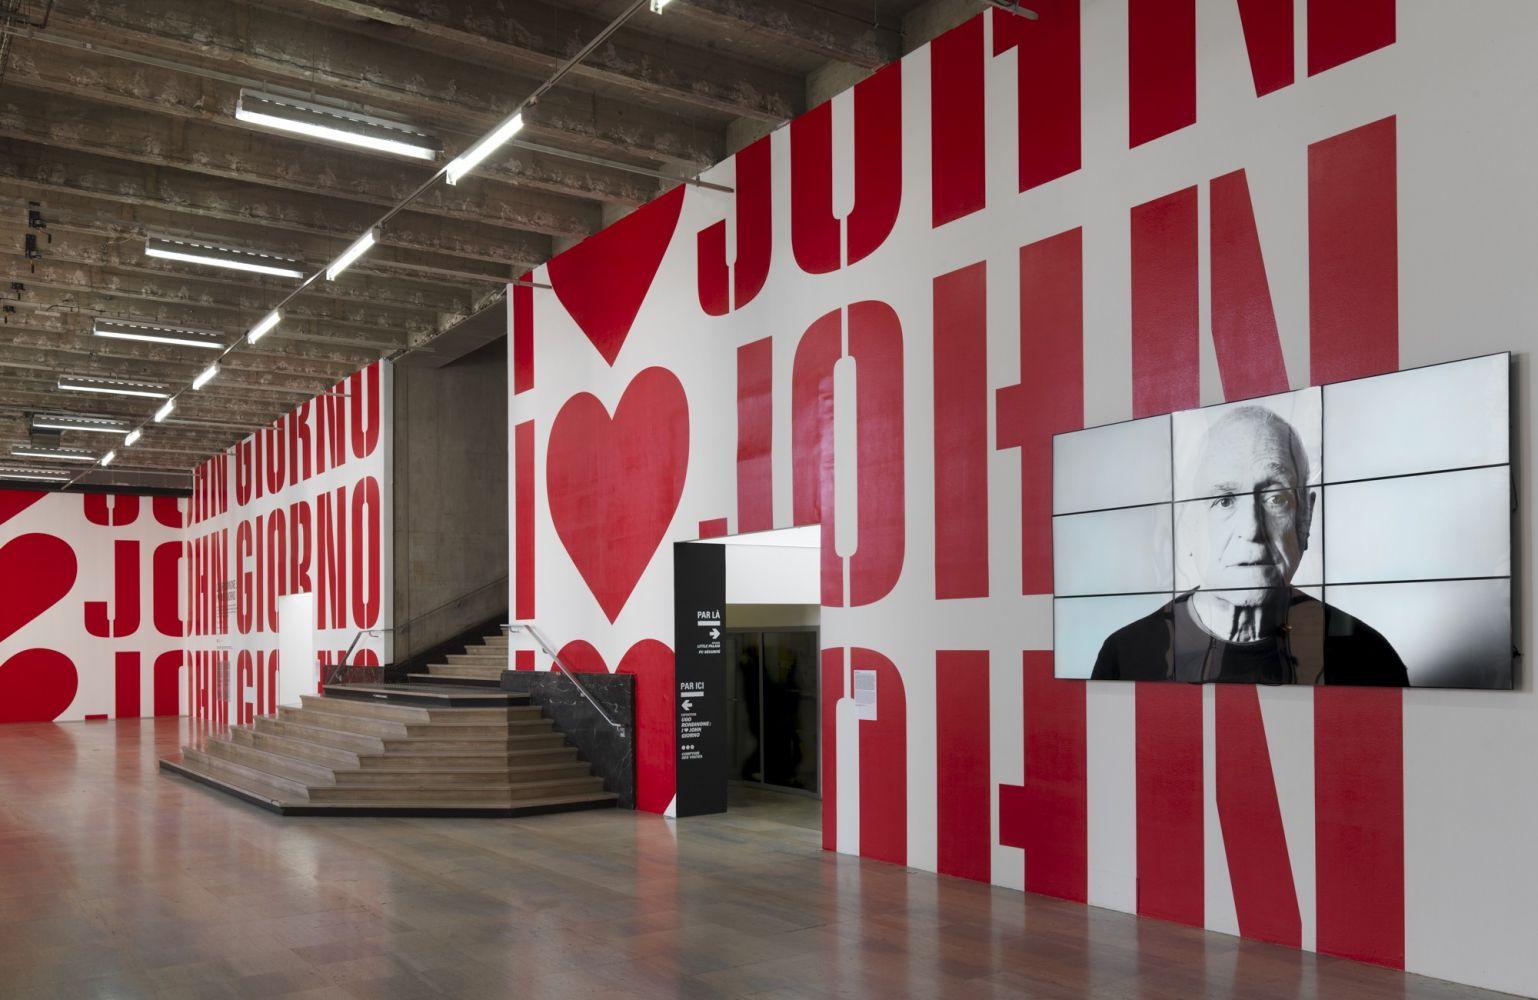 Scott King for I ♥ John Giorno